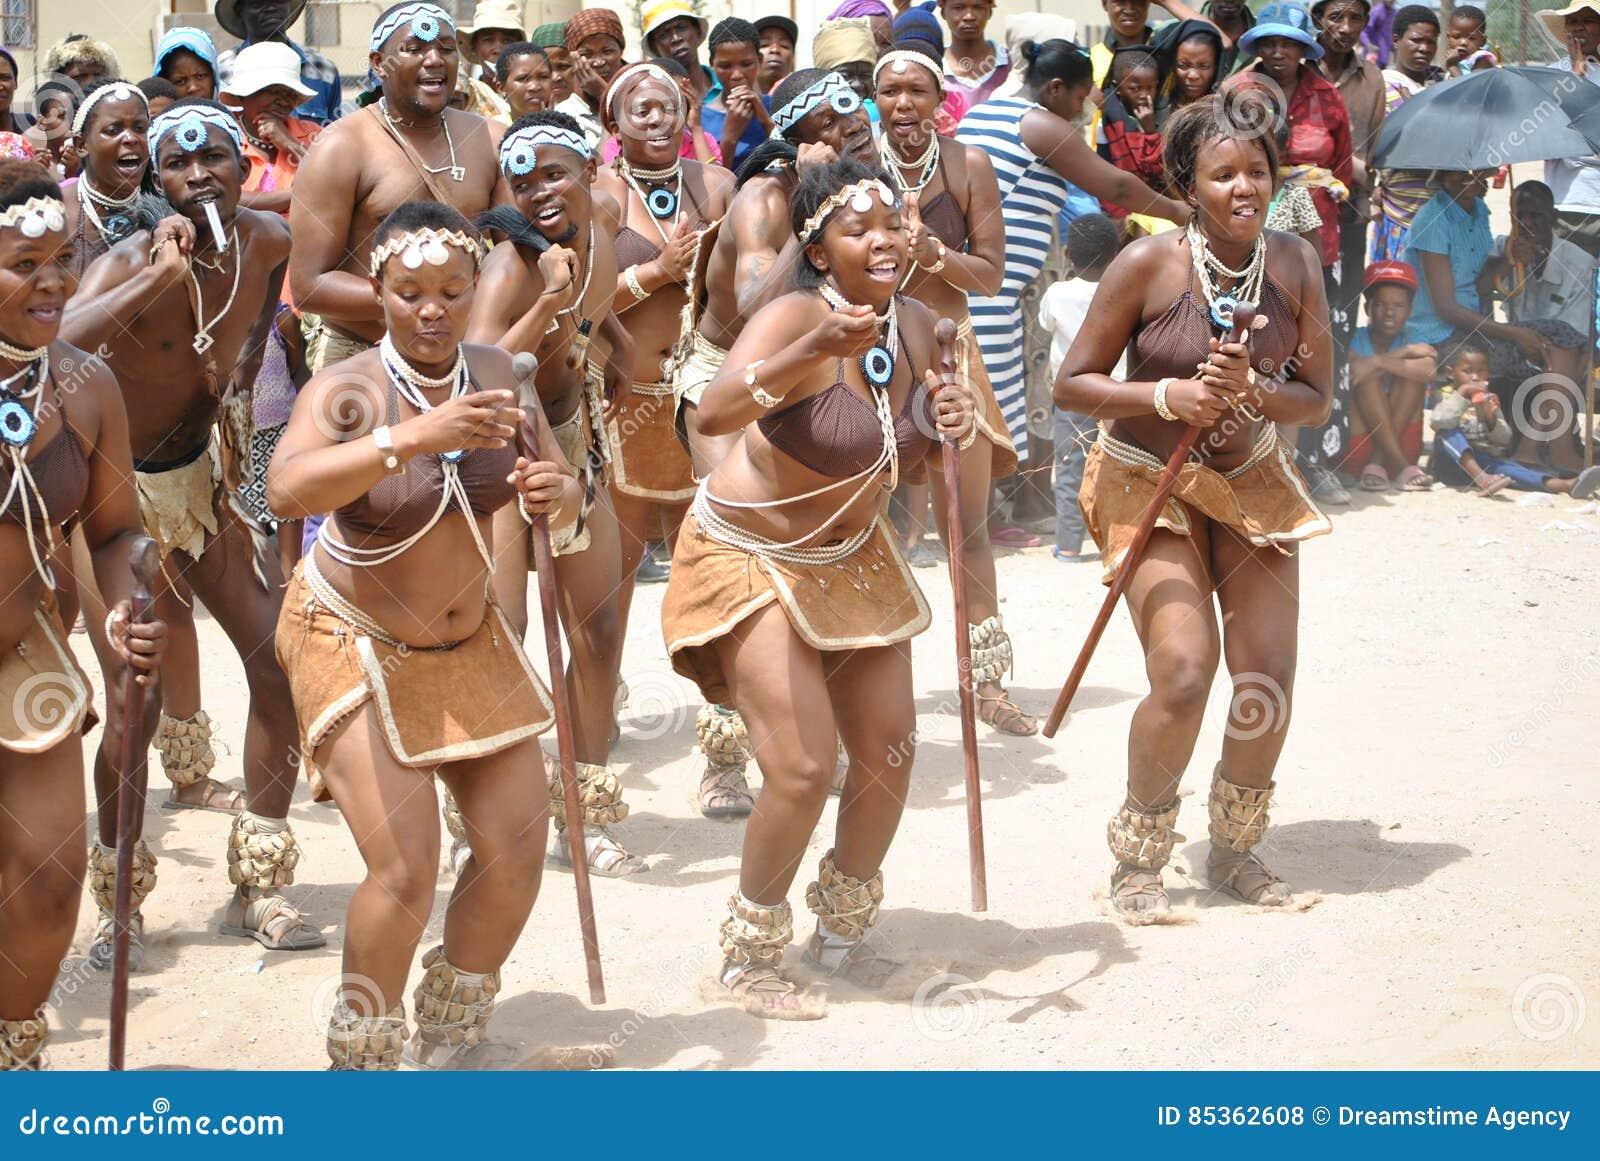 Bailarines africanos en un humor feliz